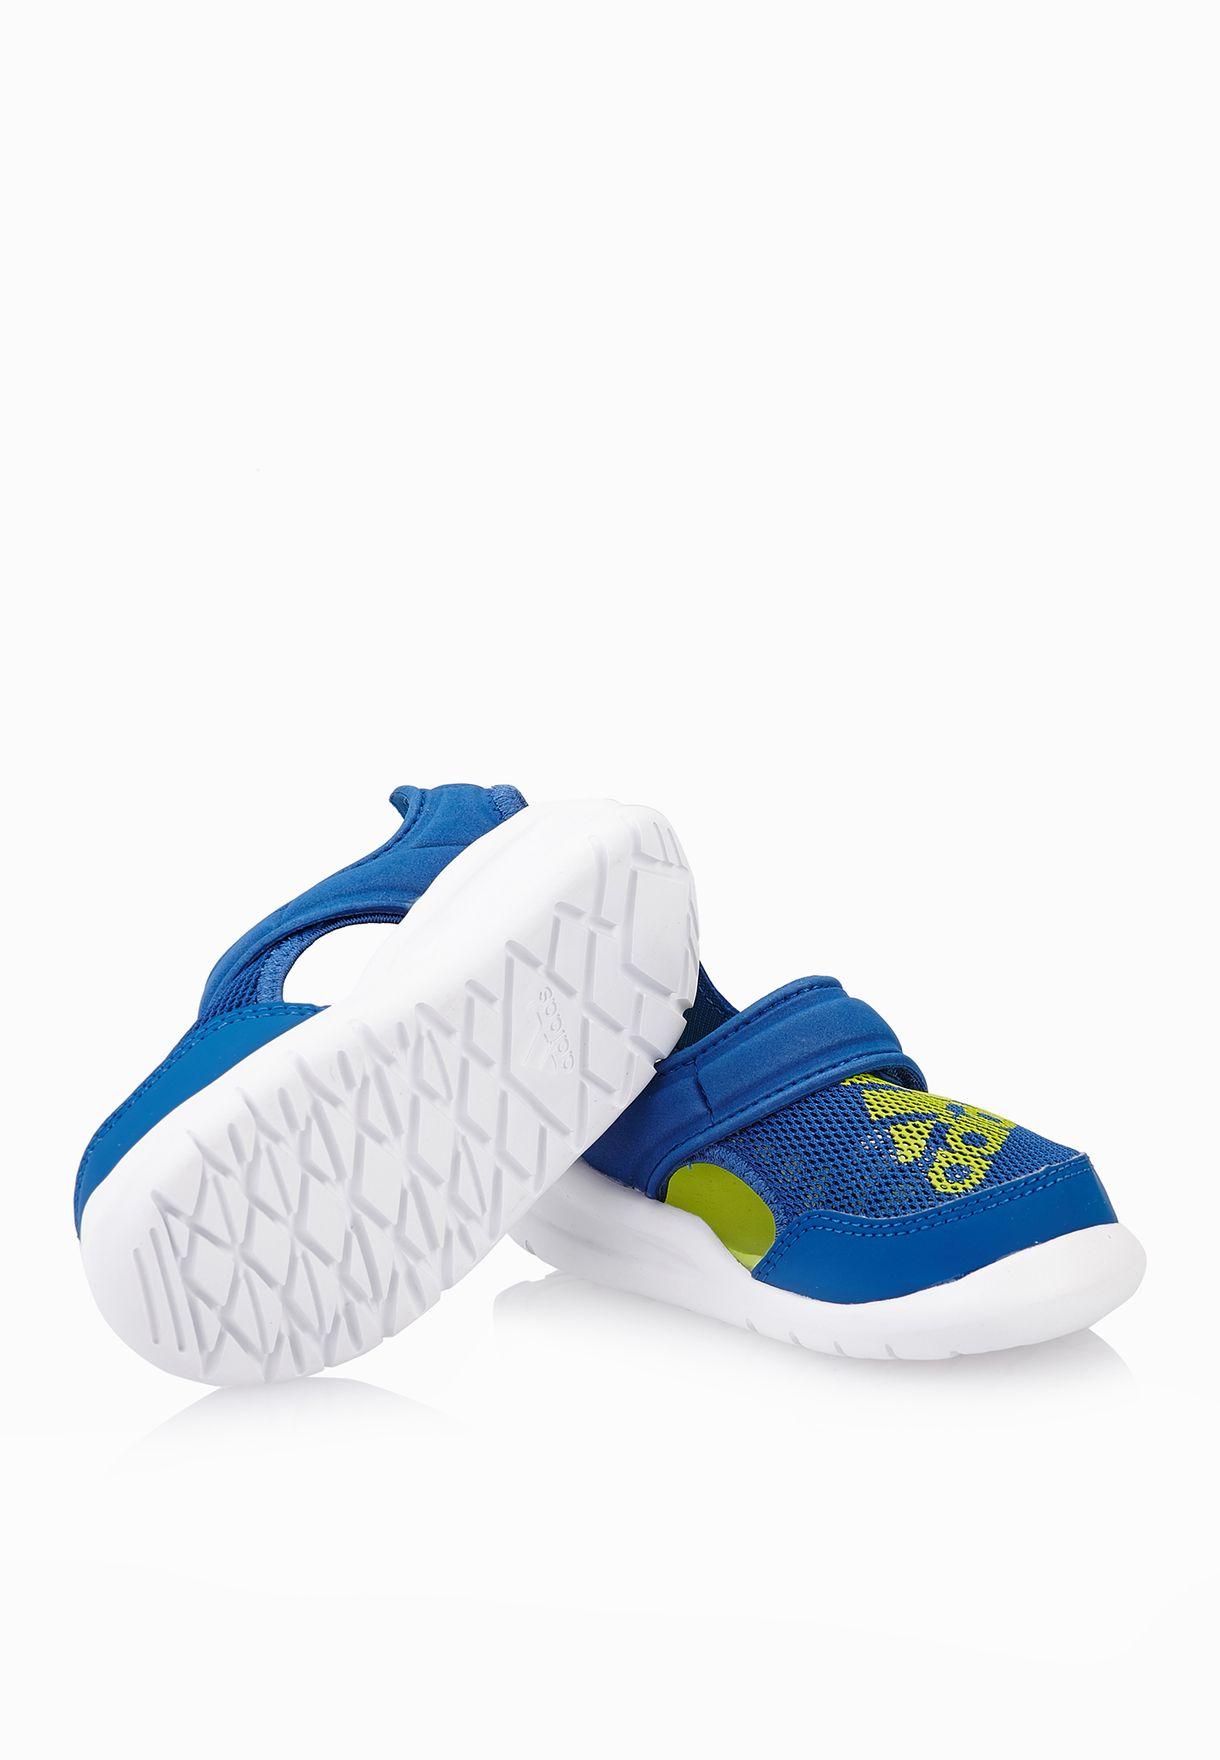 best cheap 124ab d9d1b adidas. Flexzee Infant